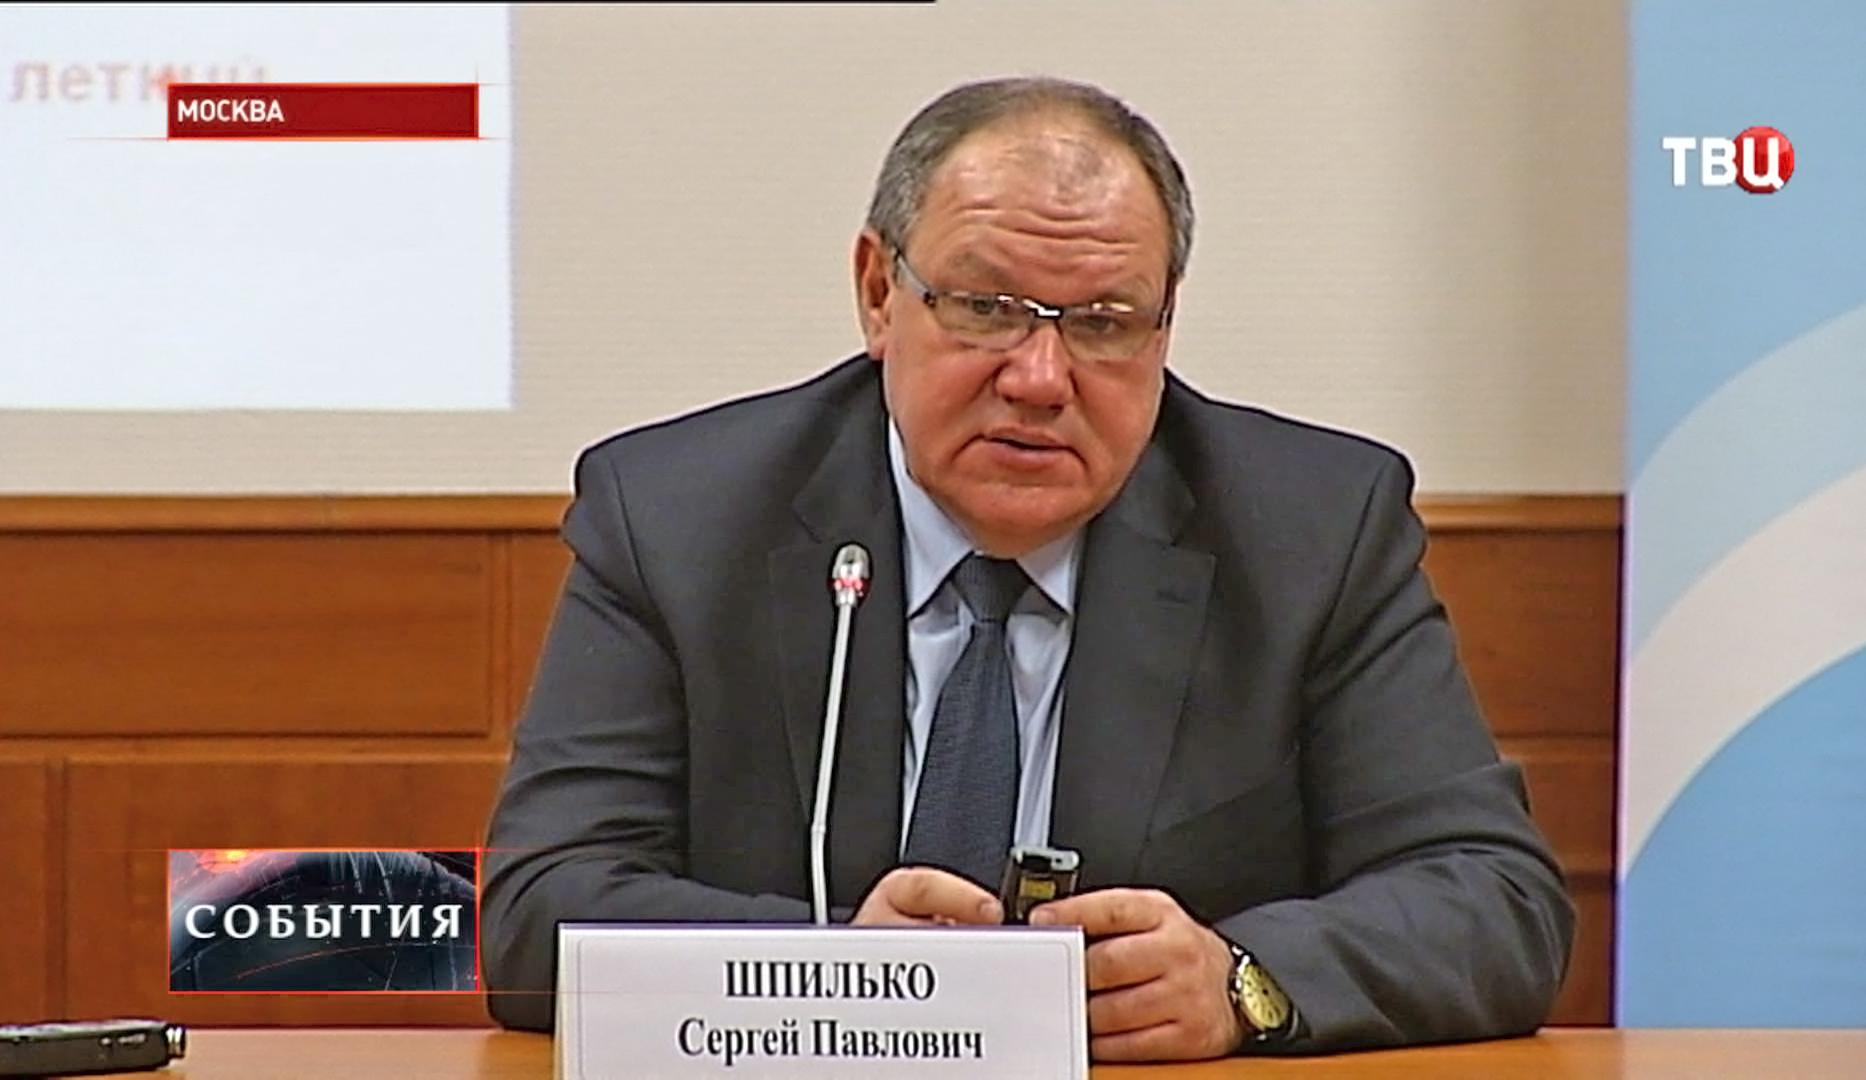 Председатель комитета по туризму и гостиничному хозяйству г. Москвы Сергей Шпилько